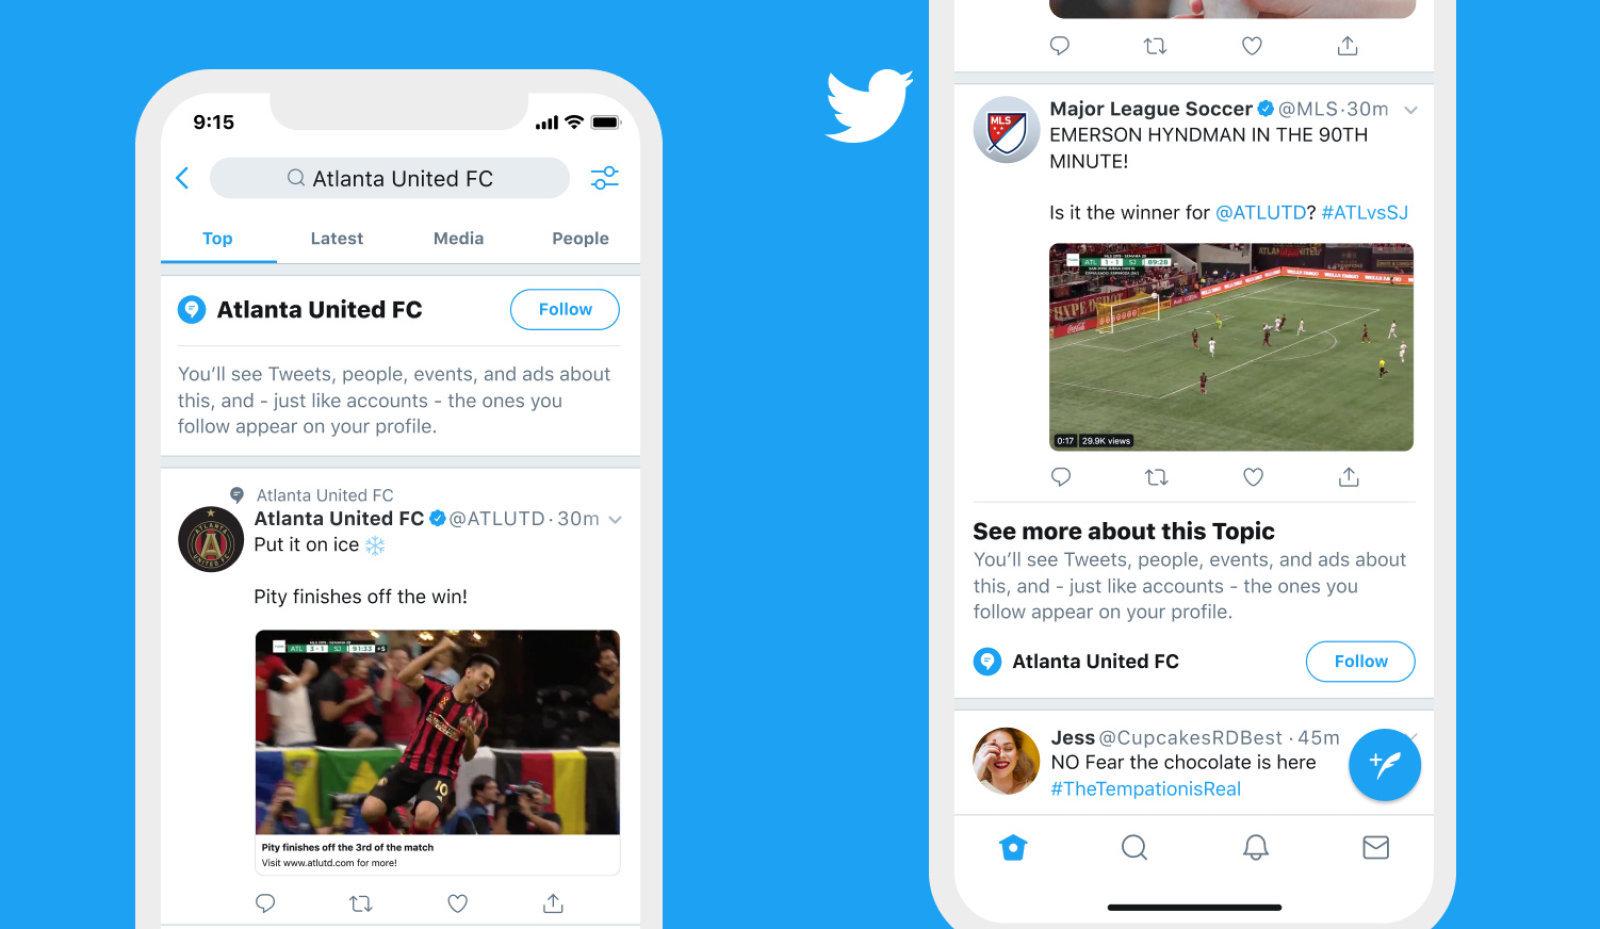 تعقیب موضوعات مورد علاقه در توئیتر ساده میشود